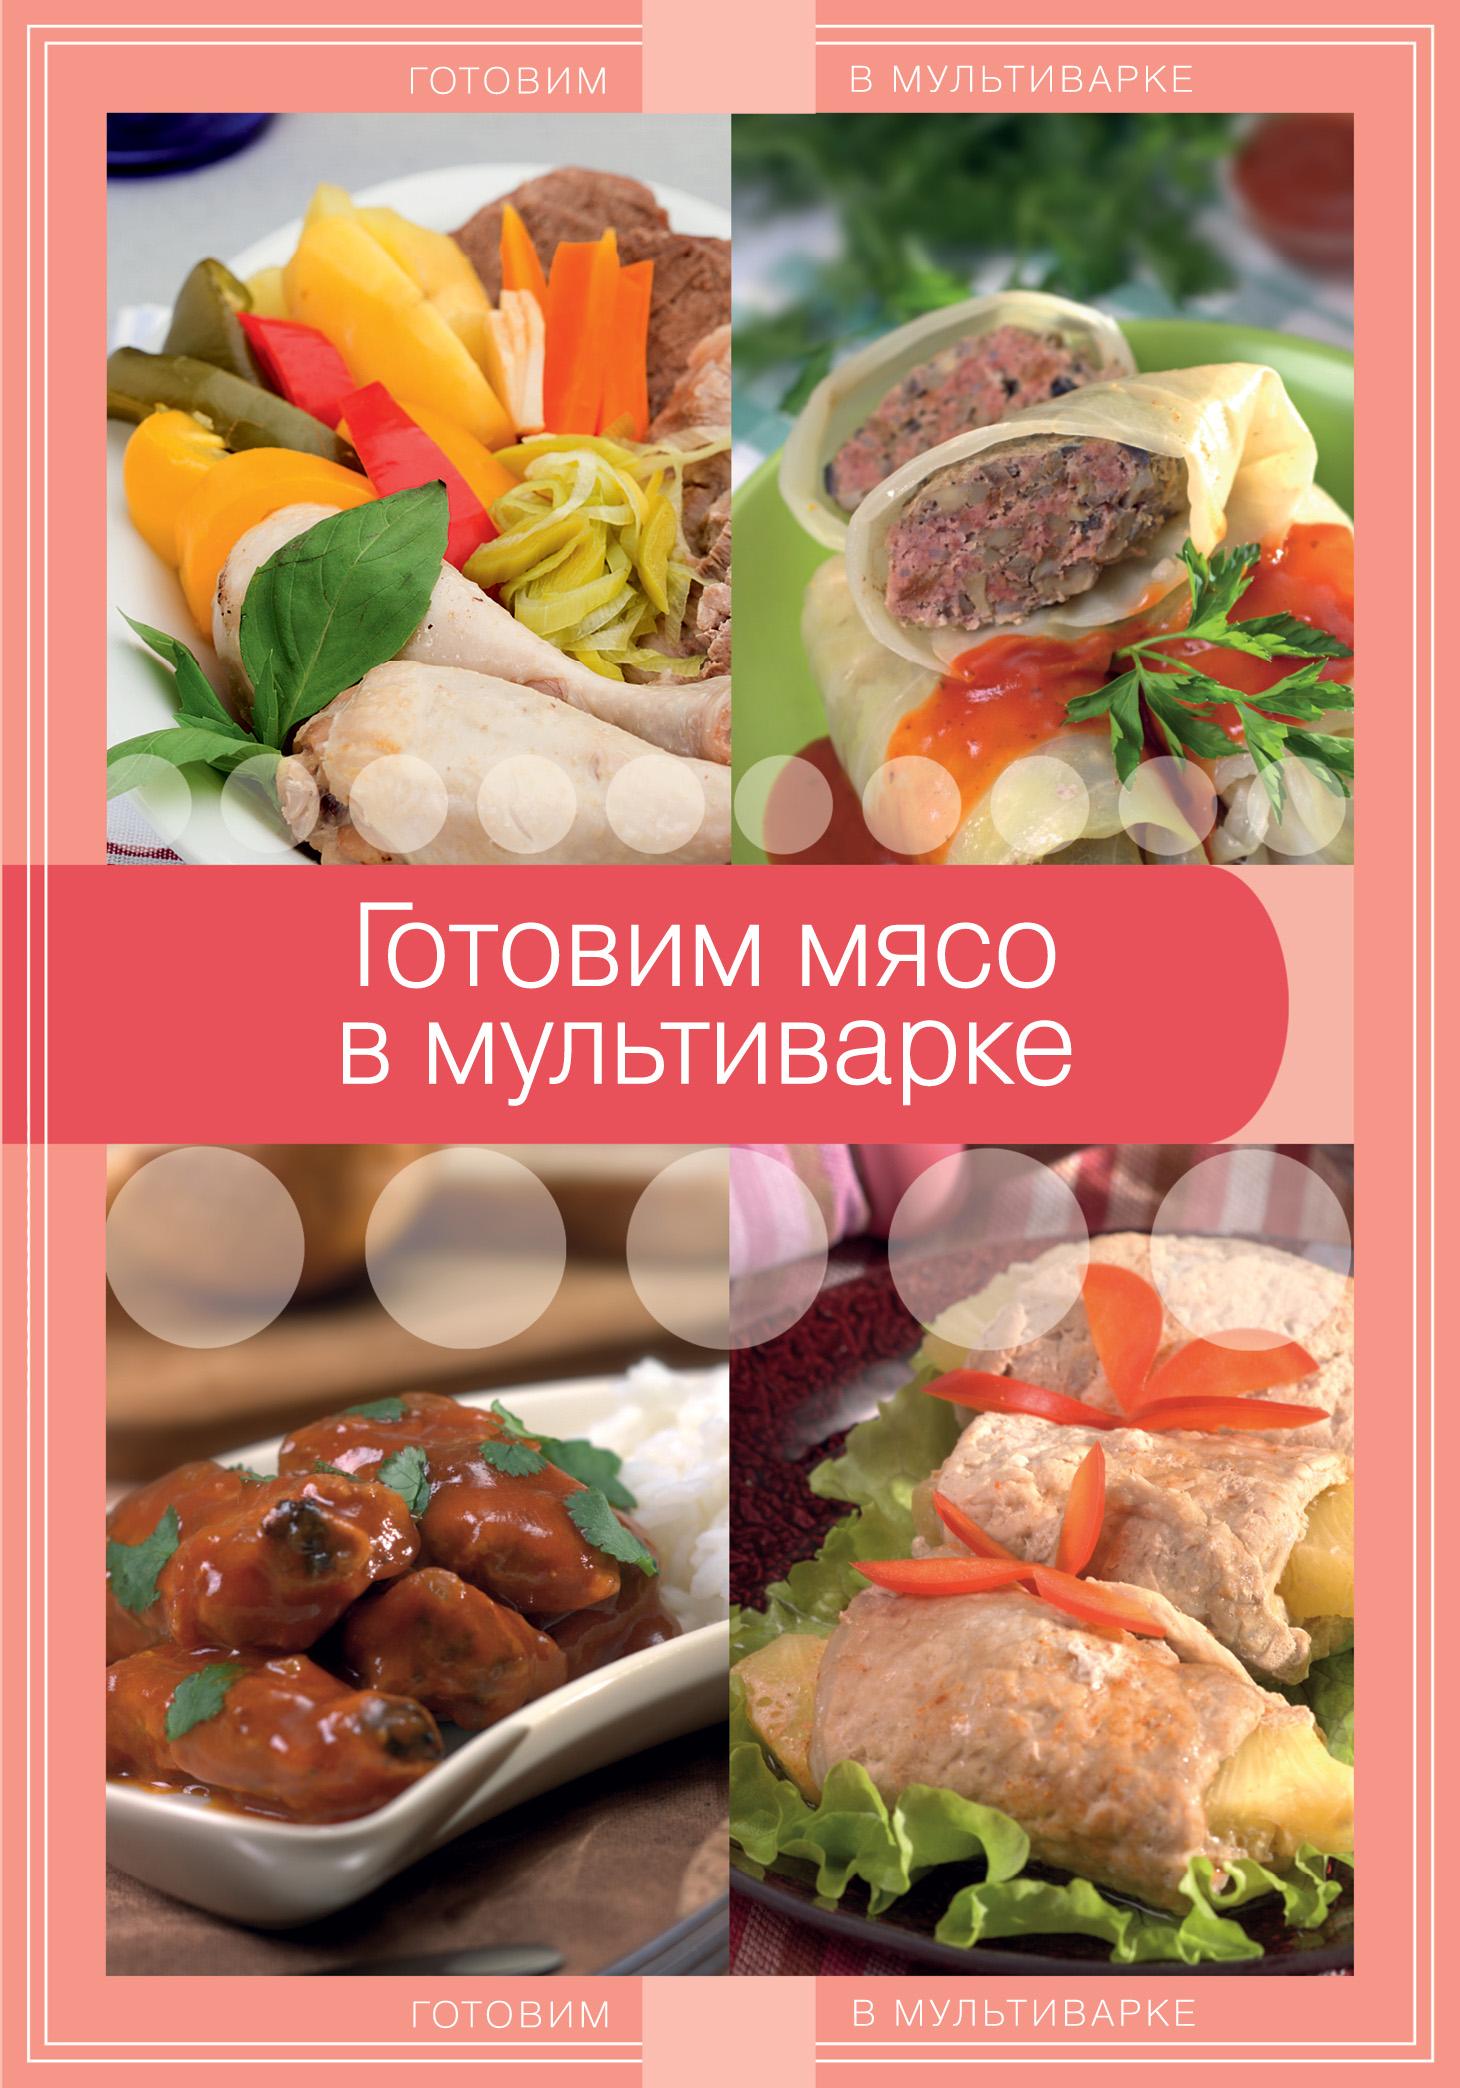 Готовим мясо в мультиварке солнечная м рецепты для диабетиков готовим в мультиварке